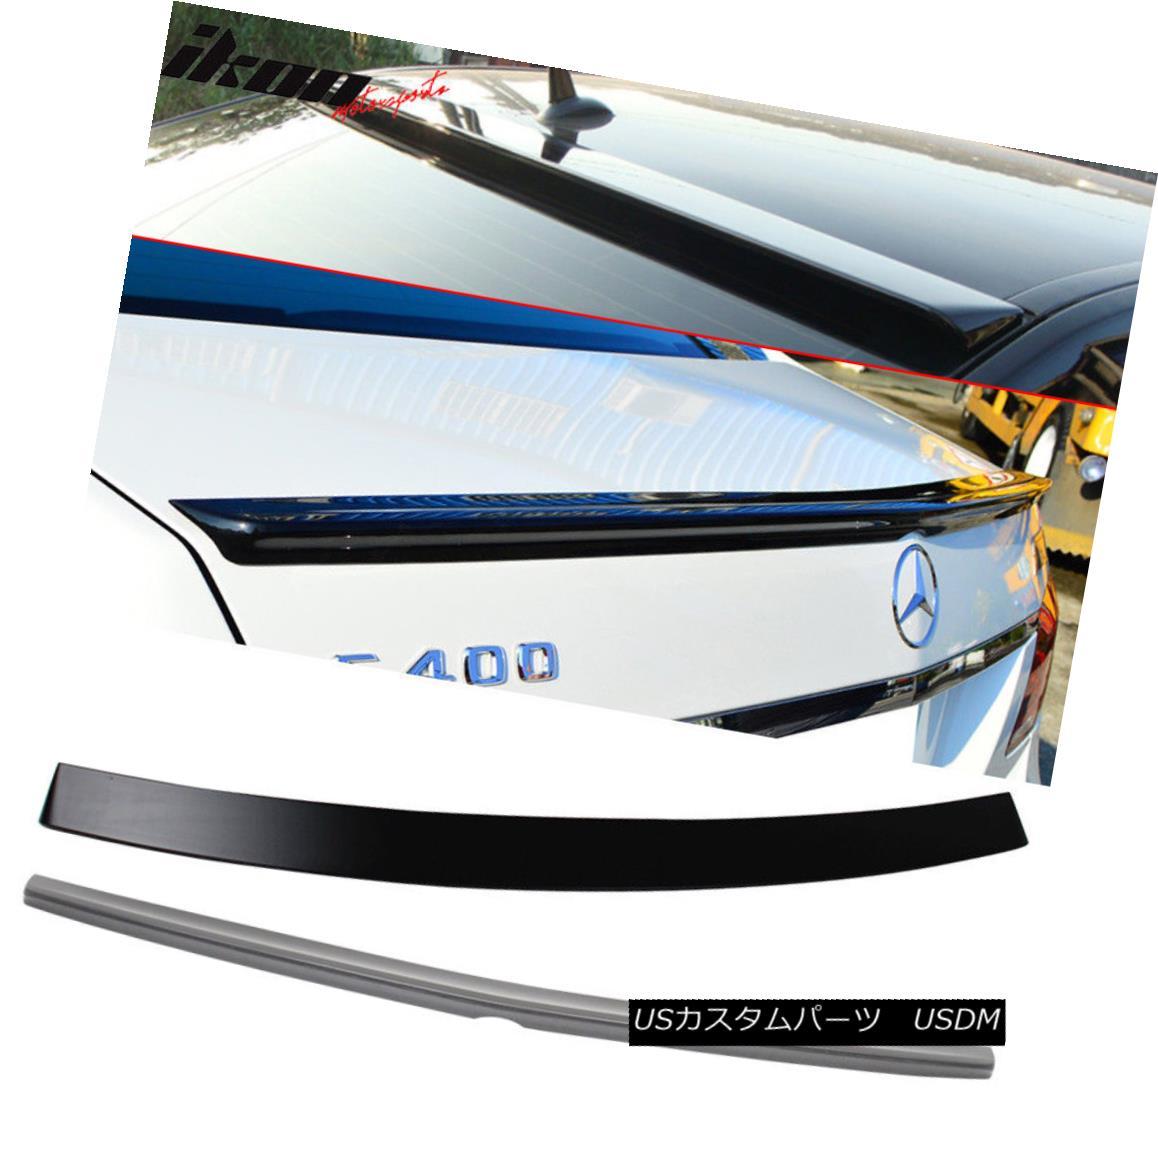 エアロパーツ Fits 10-16 Benz E Class W212 Sedan AMG Trunk Spoiler & OE Factory Roof Wing ABS フィット10-16ベンツEクラスW212セダンAMGトランクスポイラー& OEファクトリルーフウイングABS